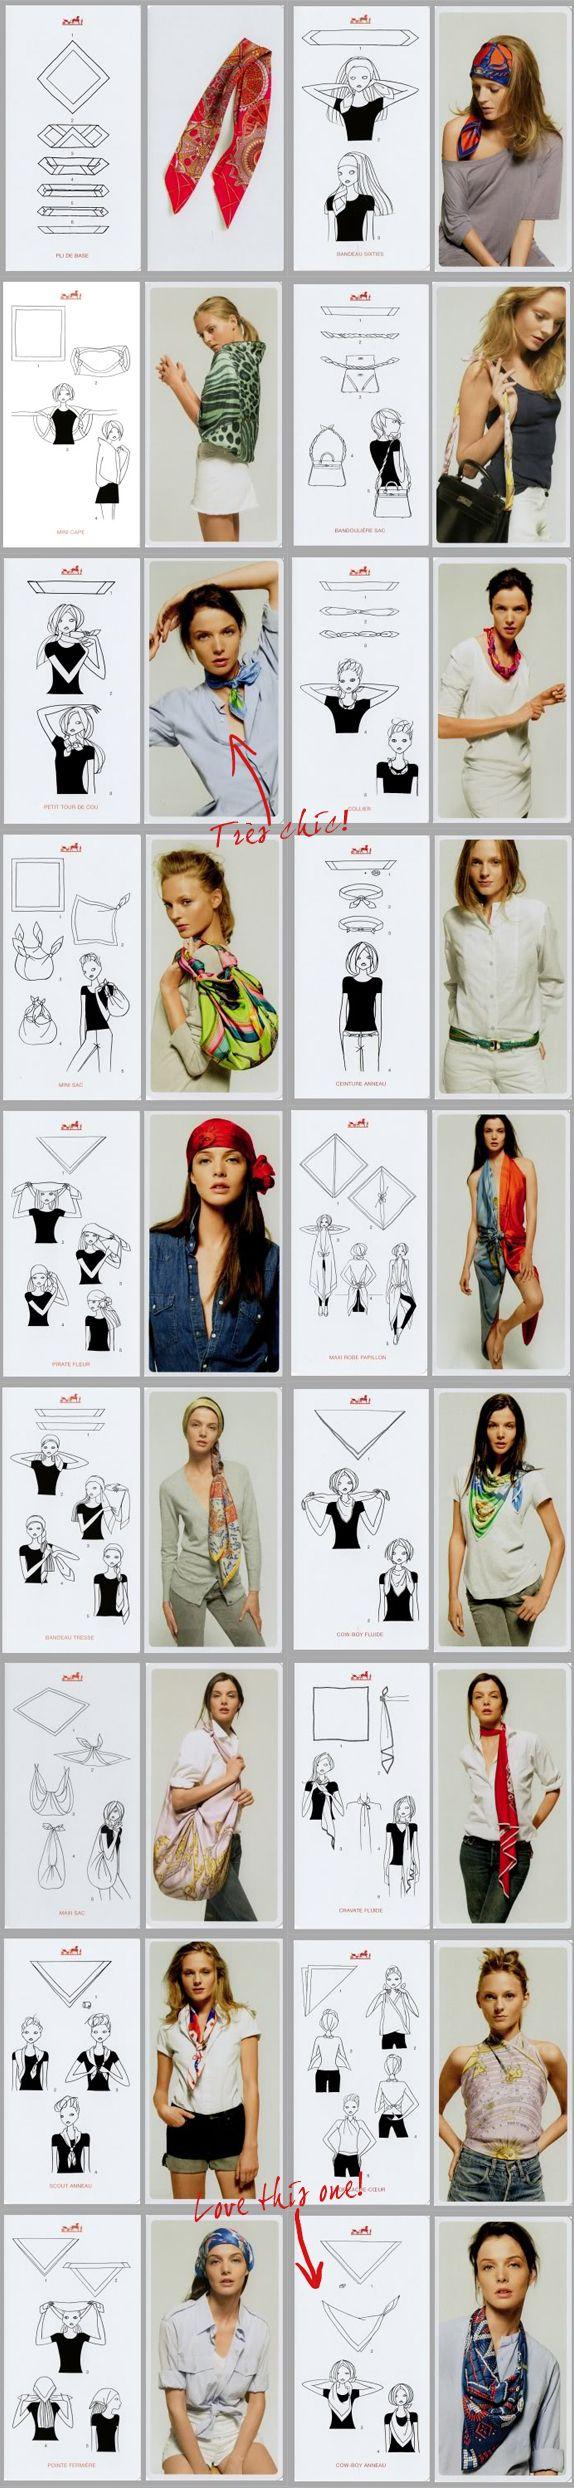 como-utilizar-un-pañuelo-ideas-pañuelo_look_moda_fashion_consejo